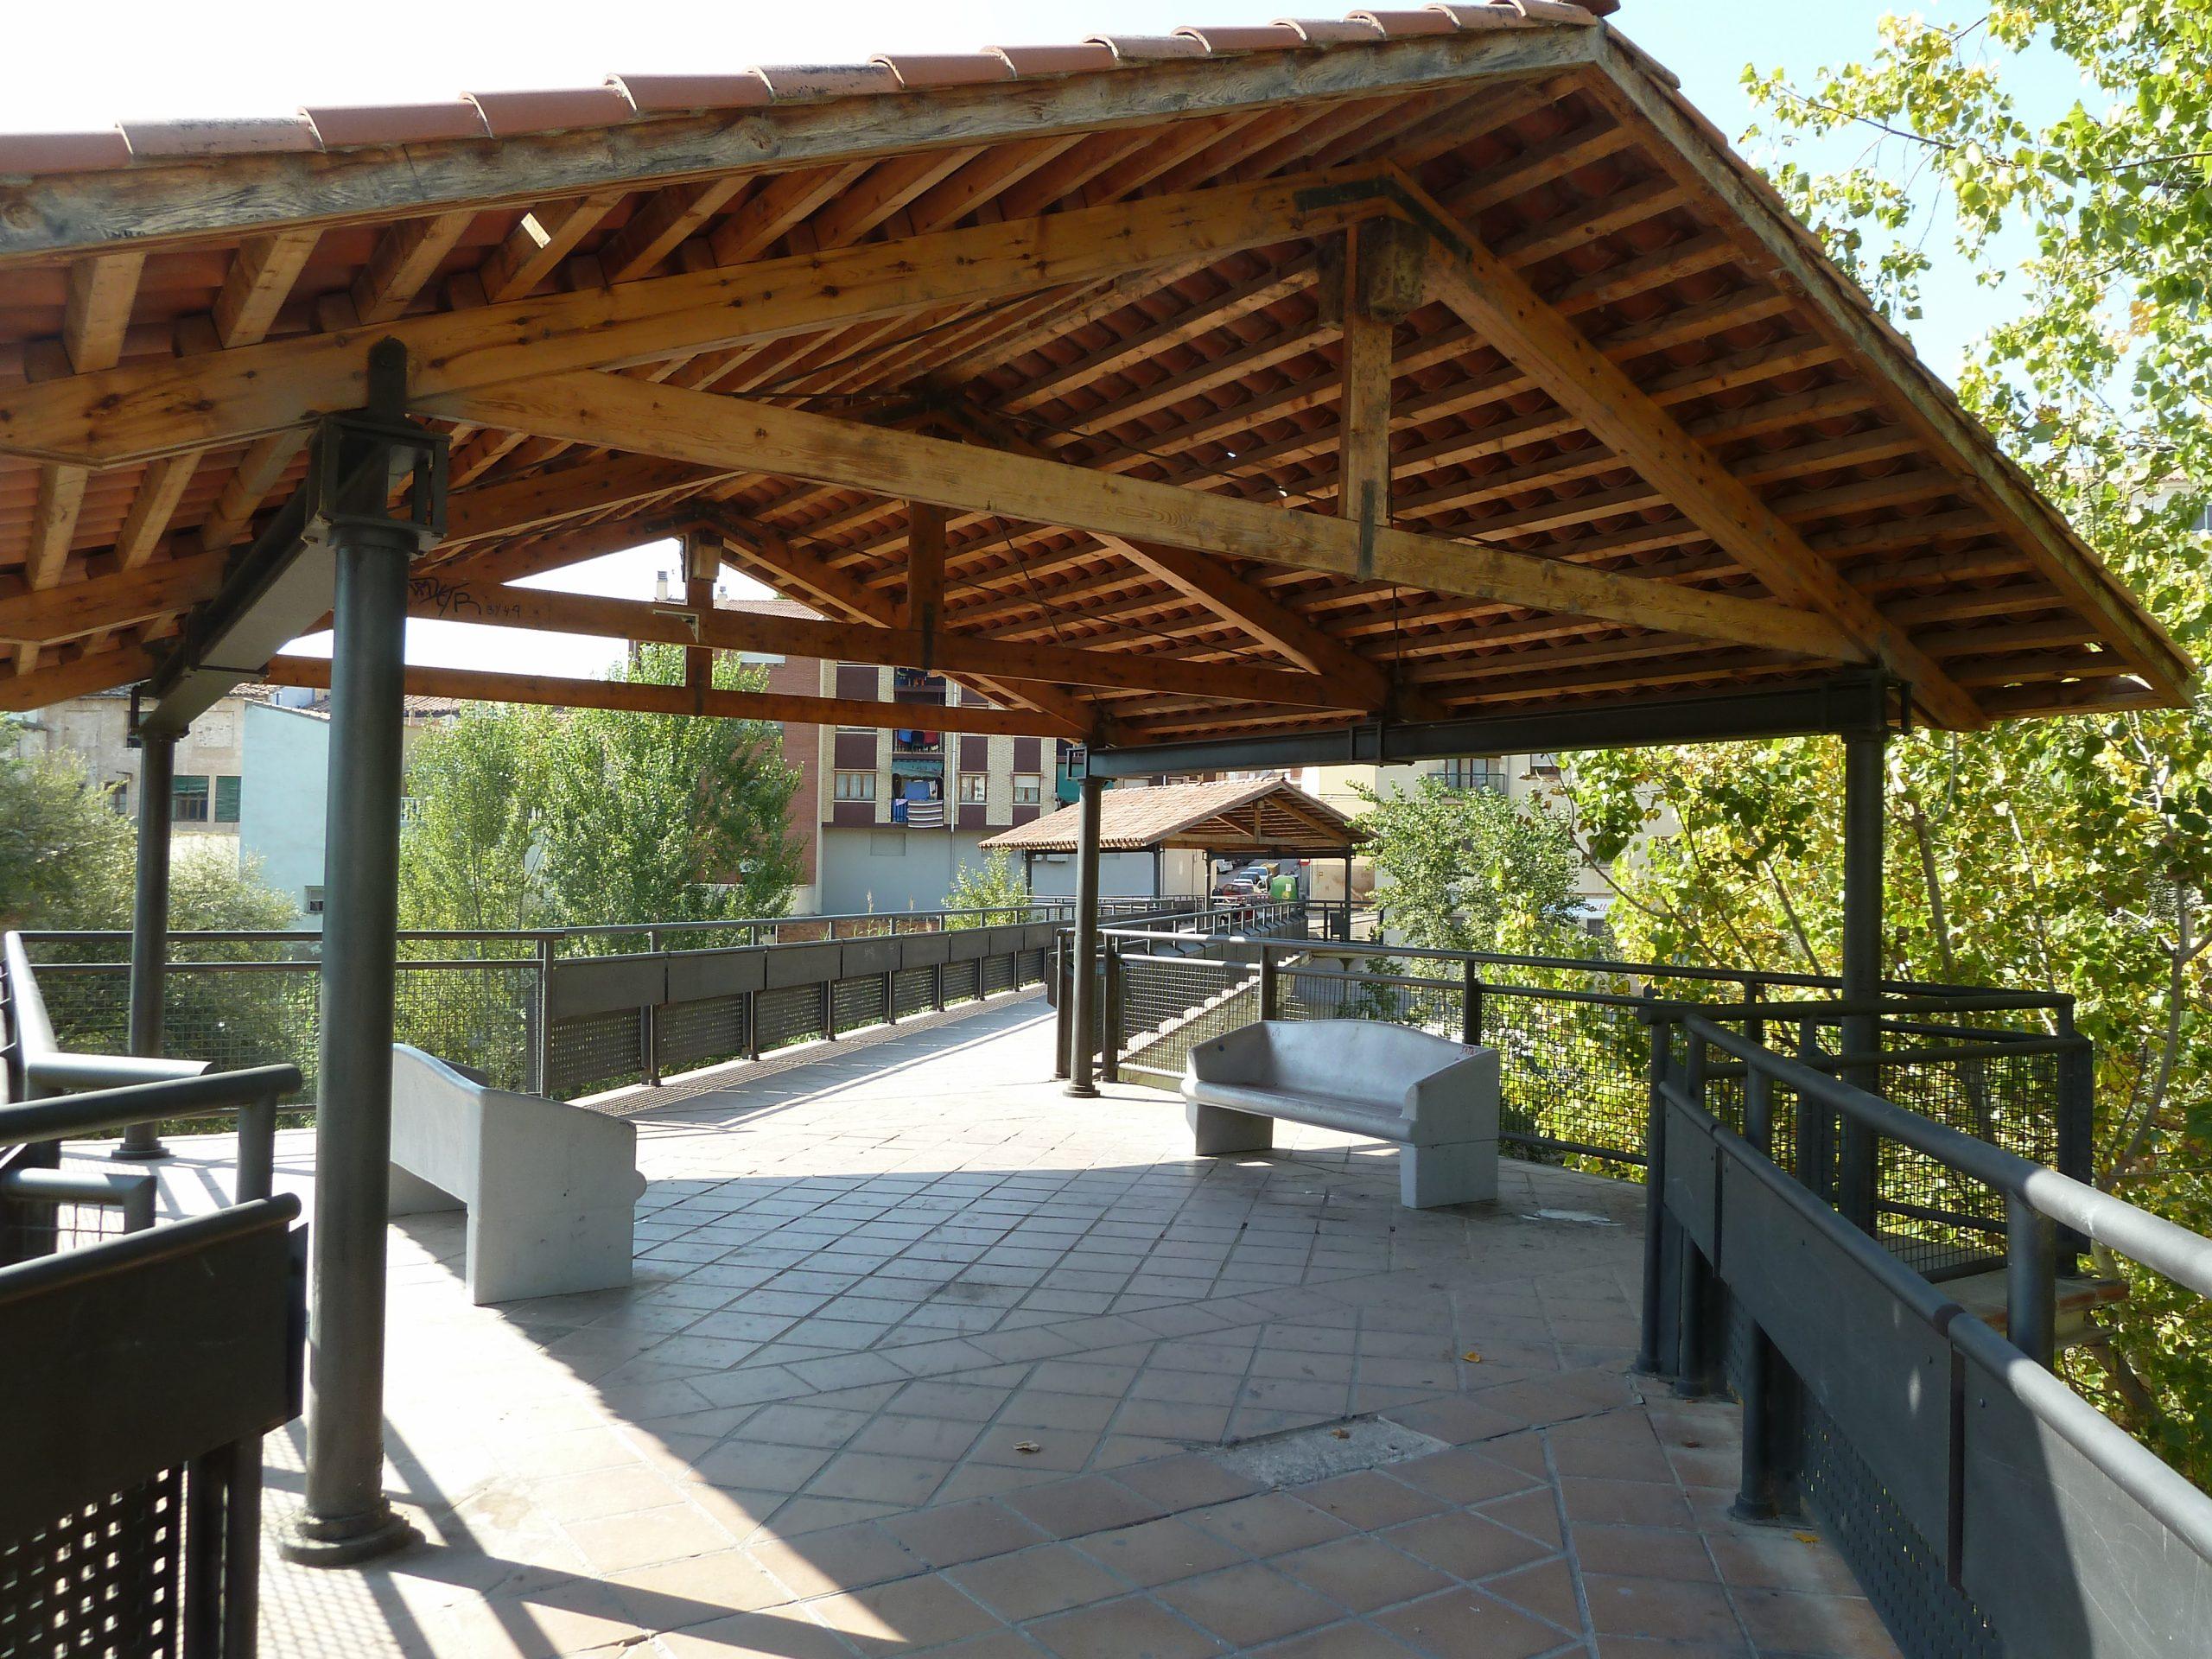 MATARRAÑA-OCT-2011-080